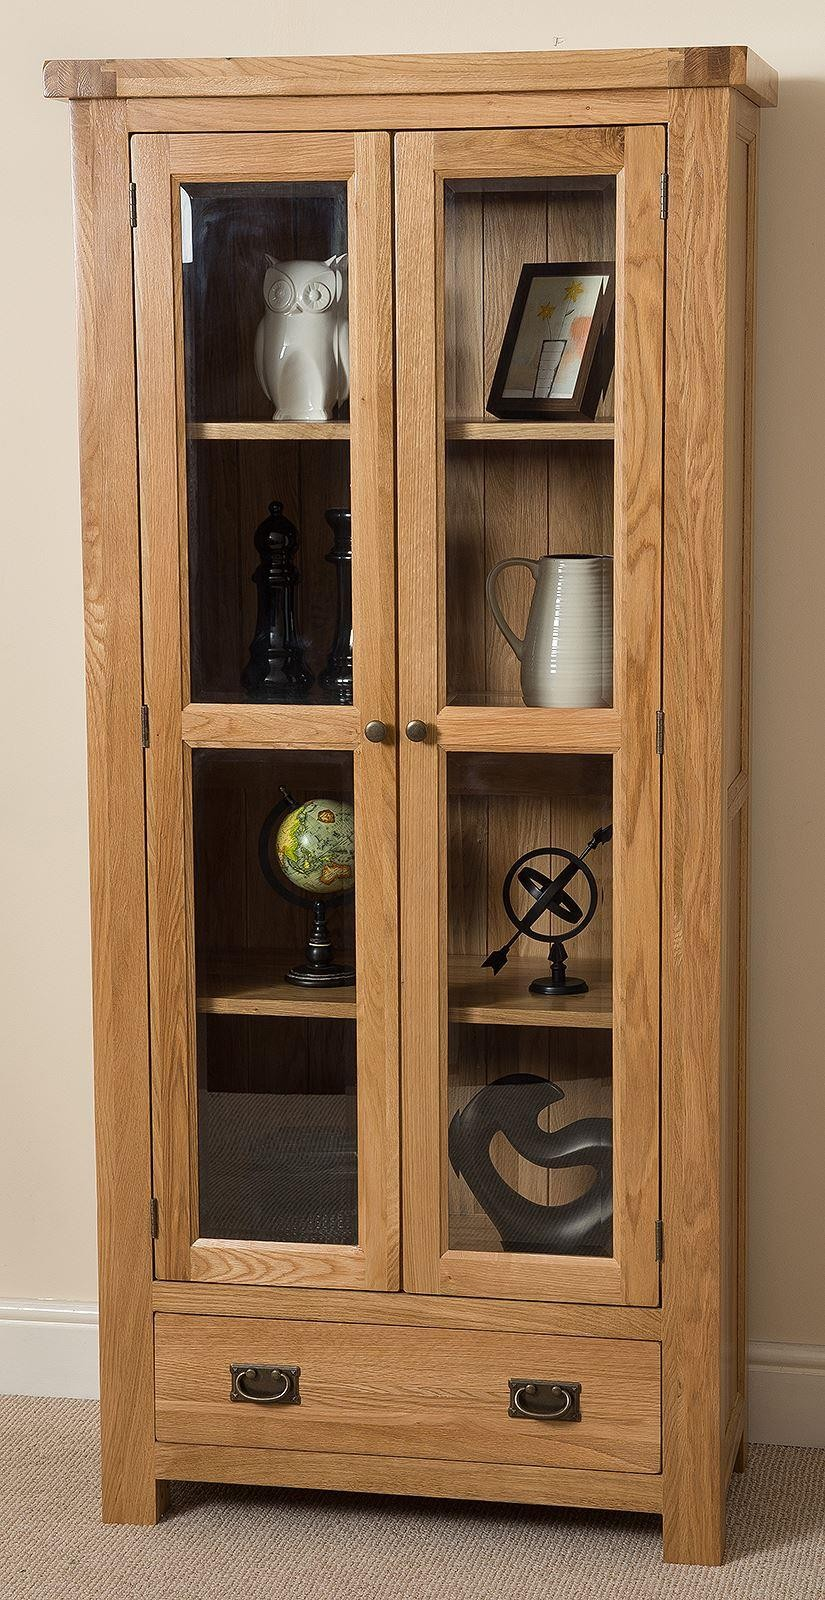 Cottage Light Solid Oak Display Cabinet